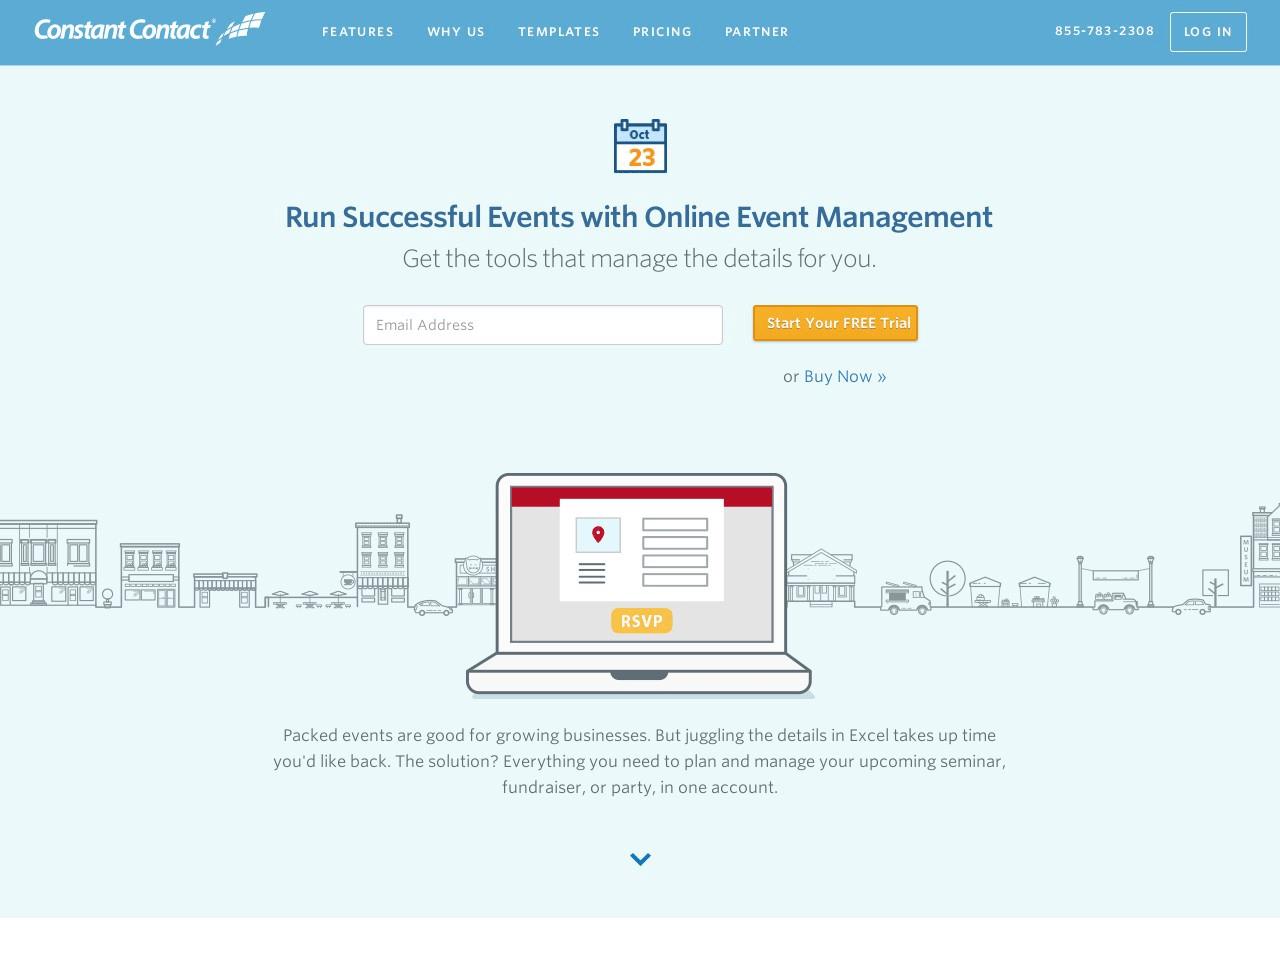 Großartig Rsvp Excel Vorlage Ideen - Beispiel Business Lebenslauf ...